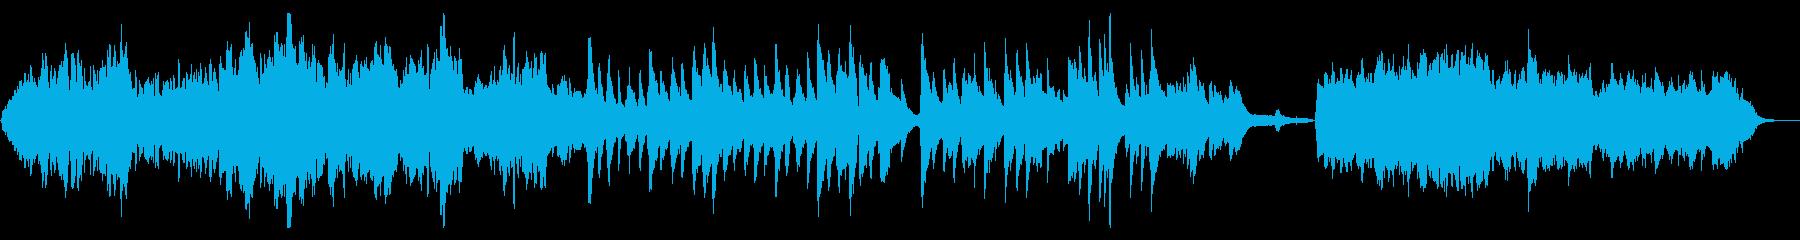 眠たくなる穏やかなノクターンの再生済みの波形